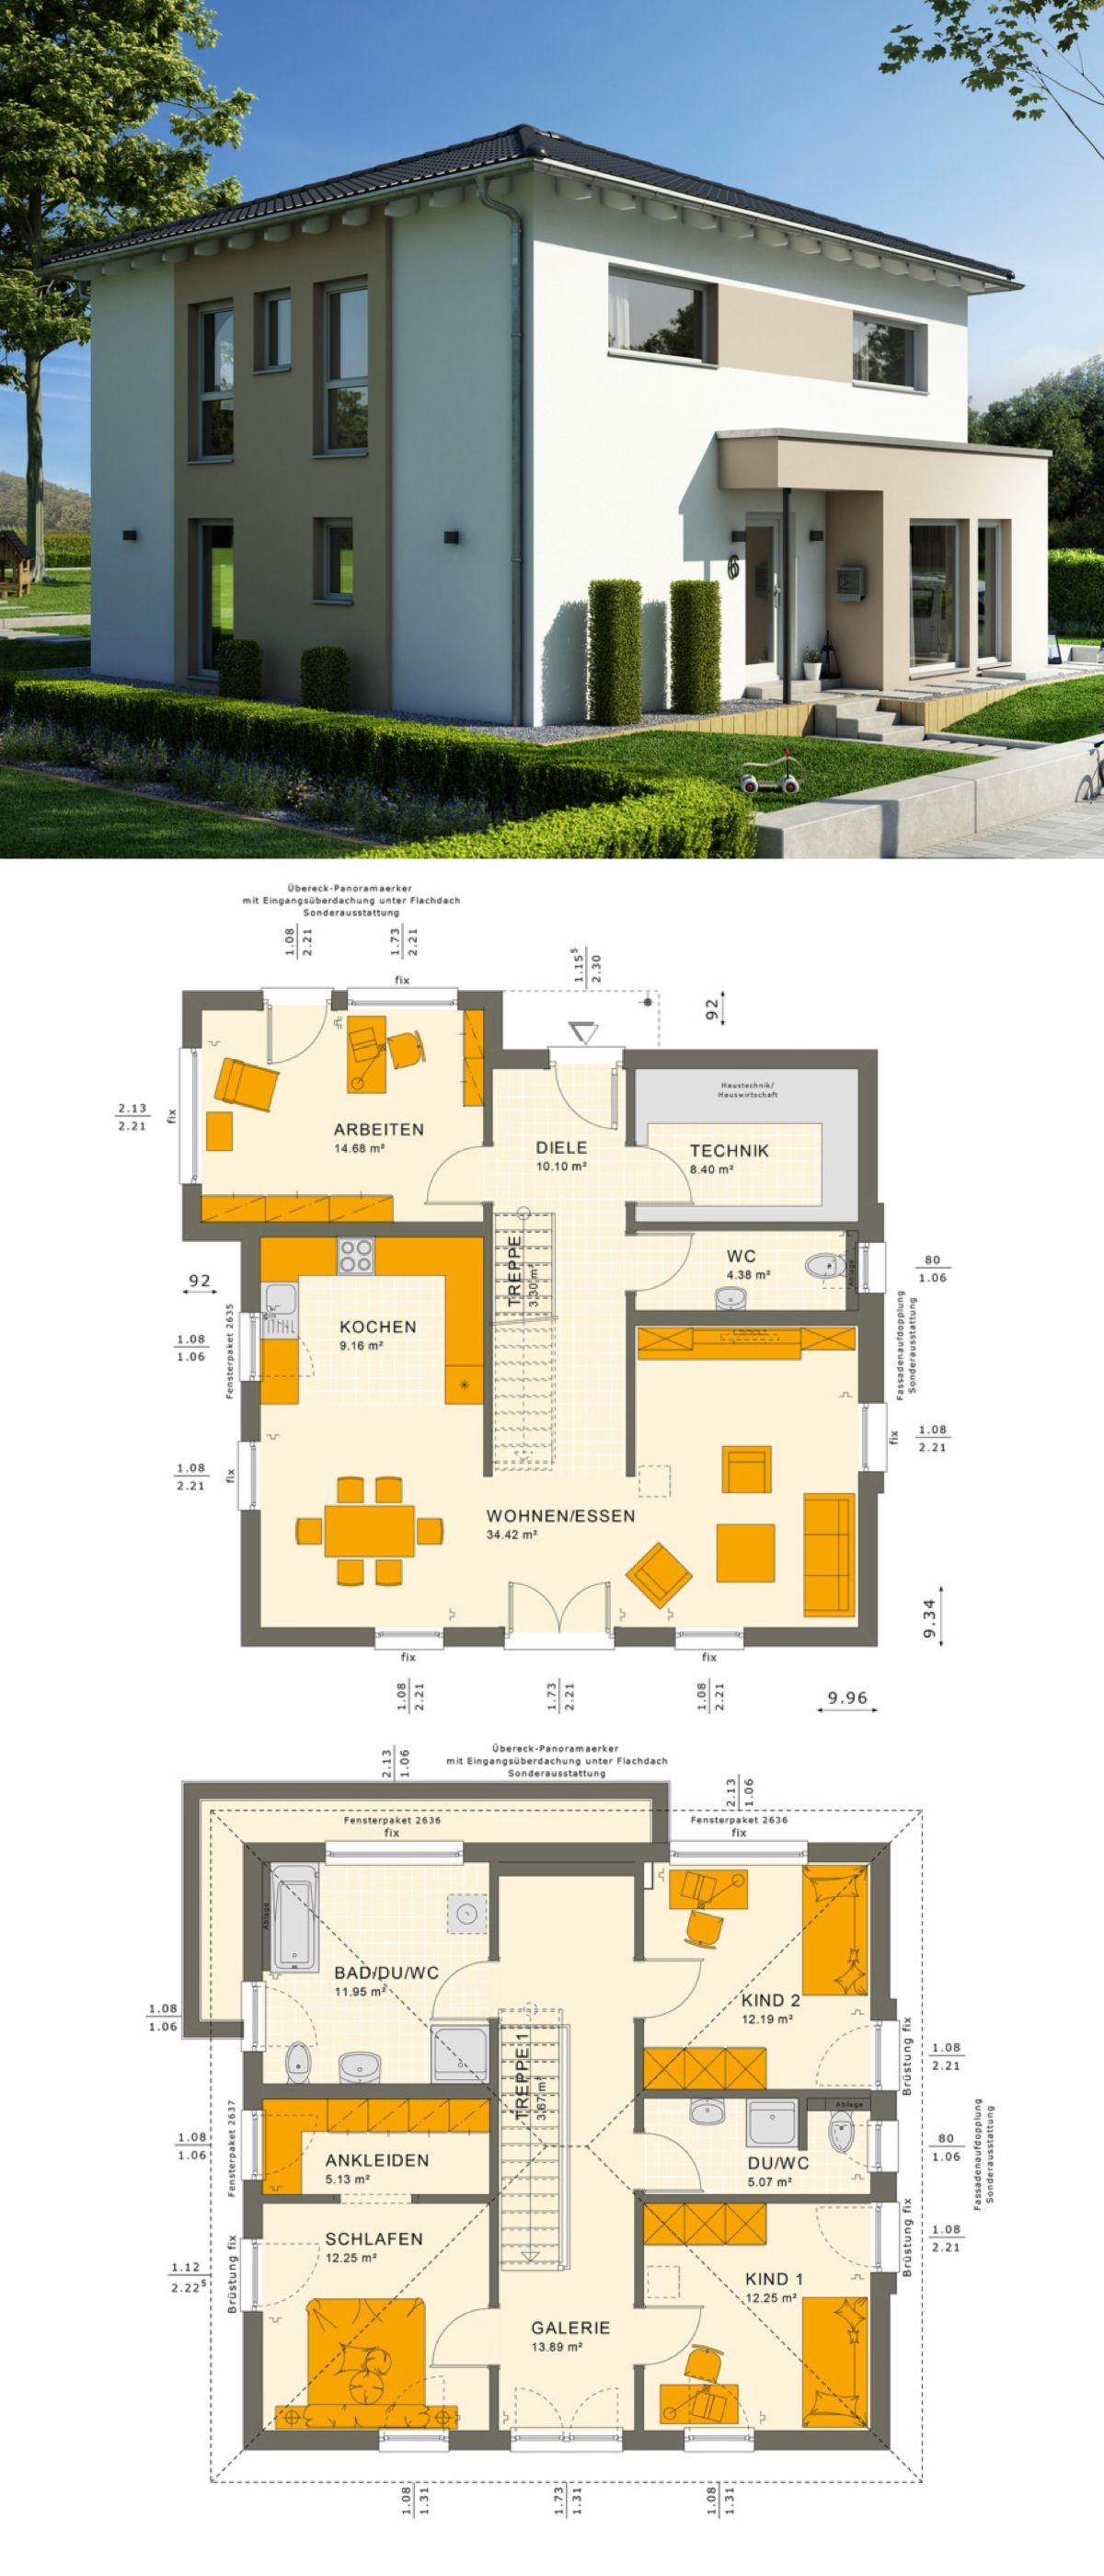 Stadtvilla haus modern mit galerie walmdach architektur for Einfamilienhaus bauen ideen